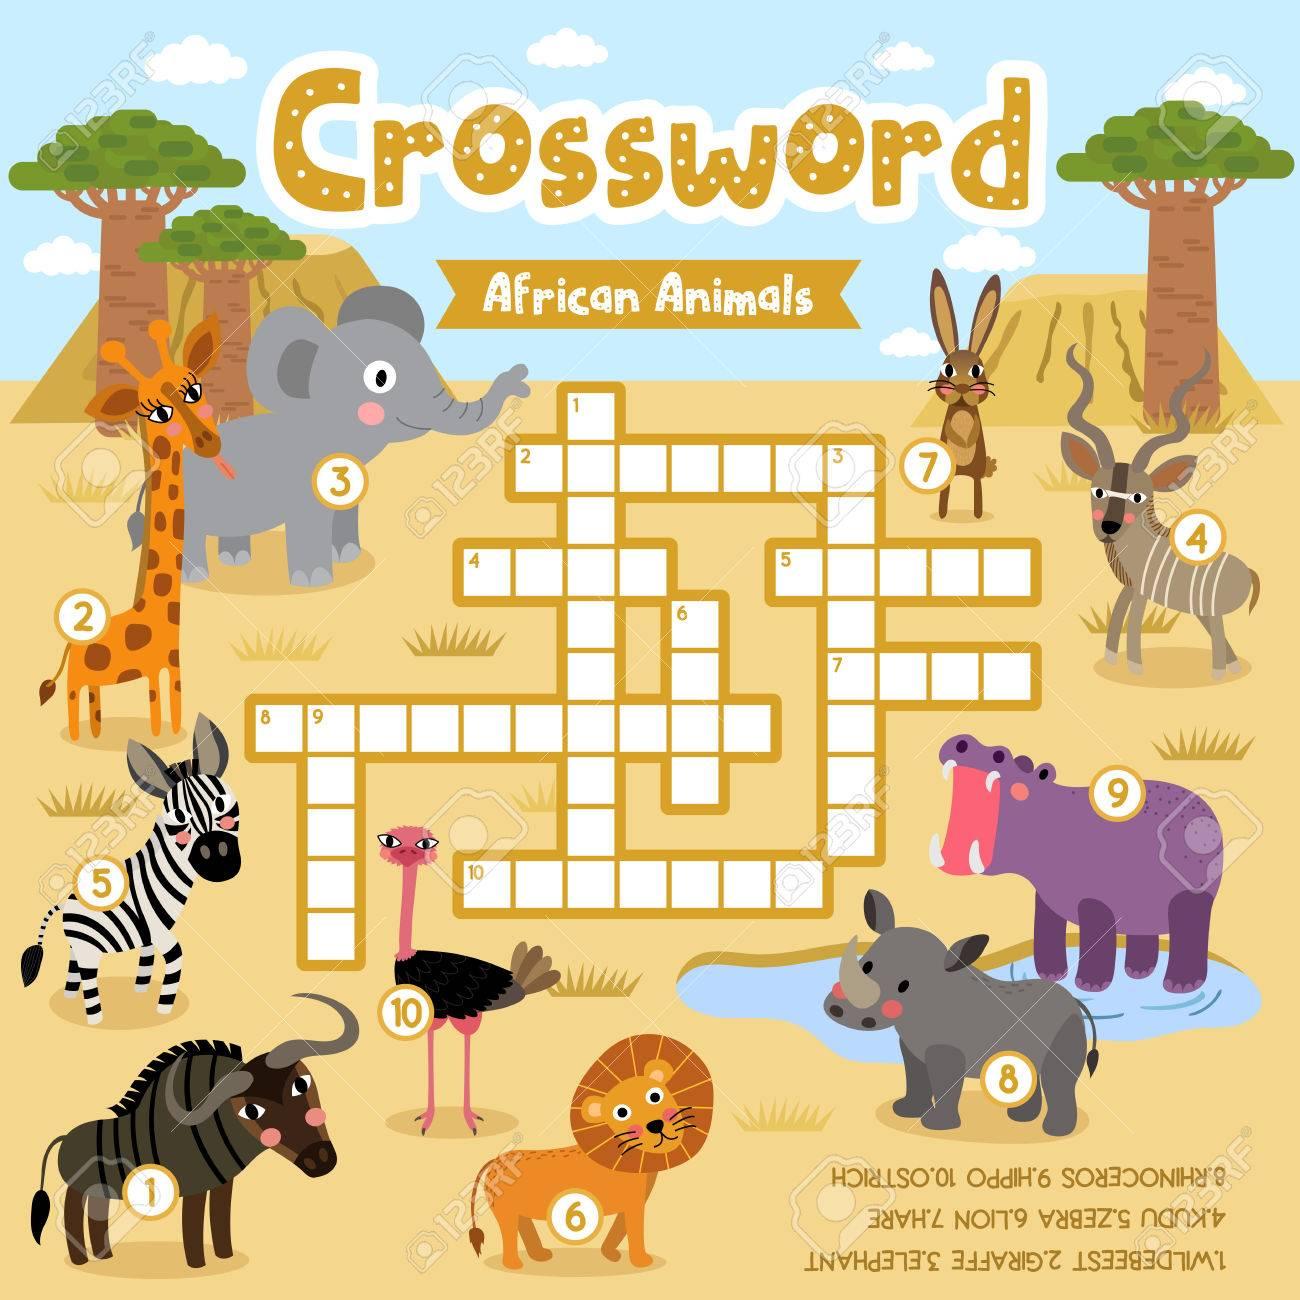 Kreuzworträtsel-Puzzle-Spiel Von Afrikanischen Tieren Für ...